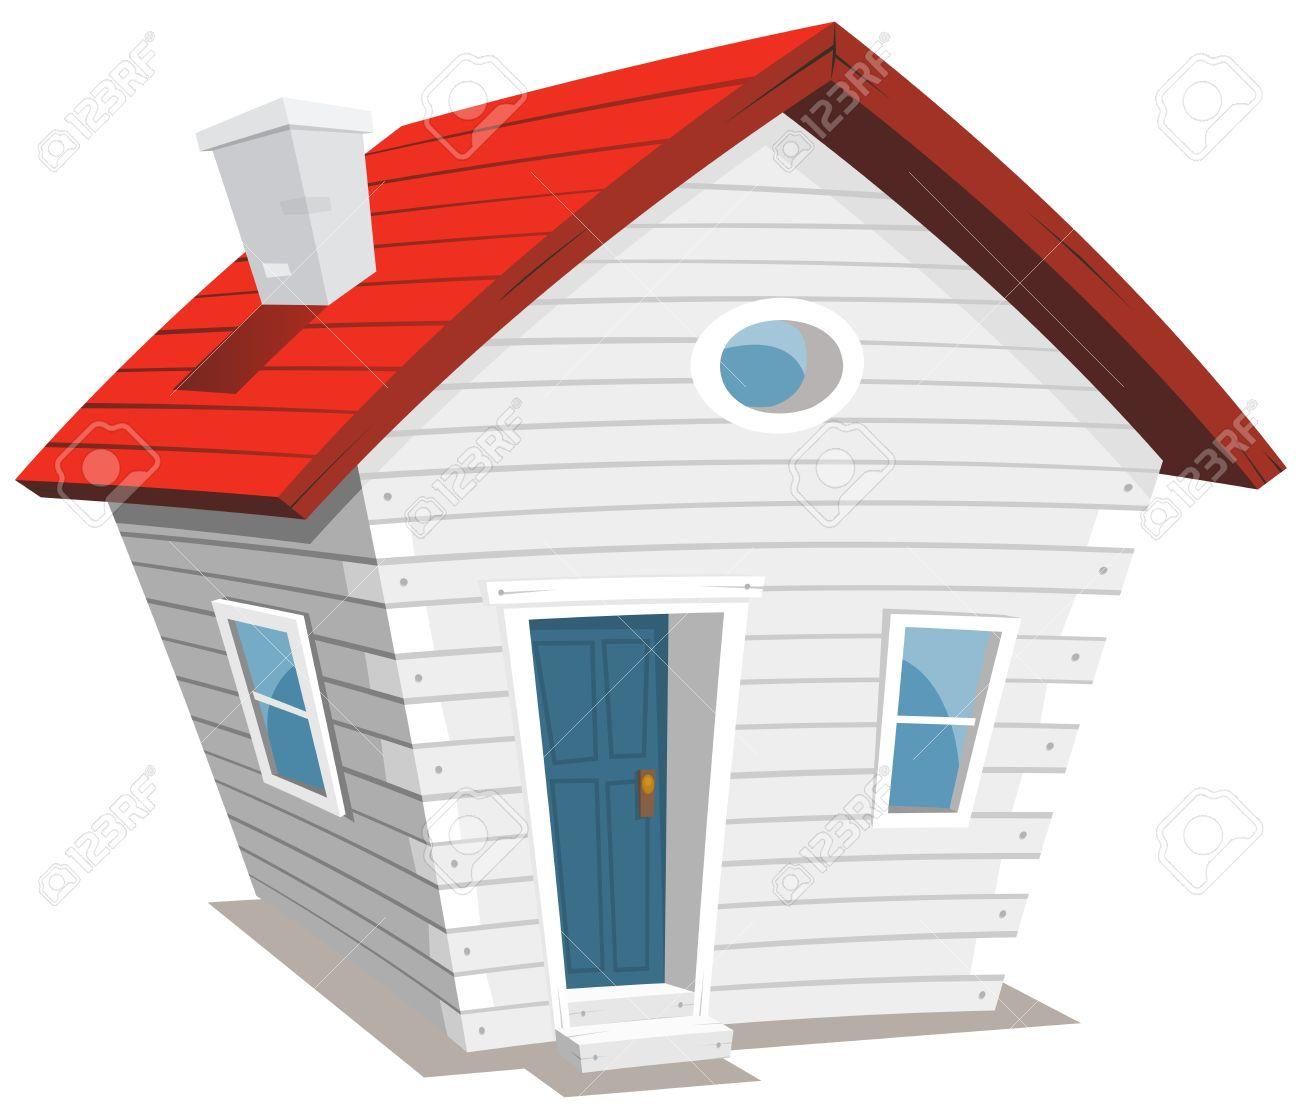 面白い漫画のイラストの白い煙突と木製の小さな家 ロイヤリティフリー